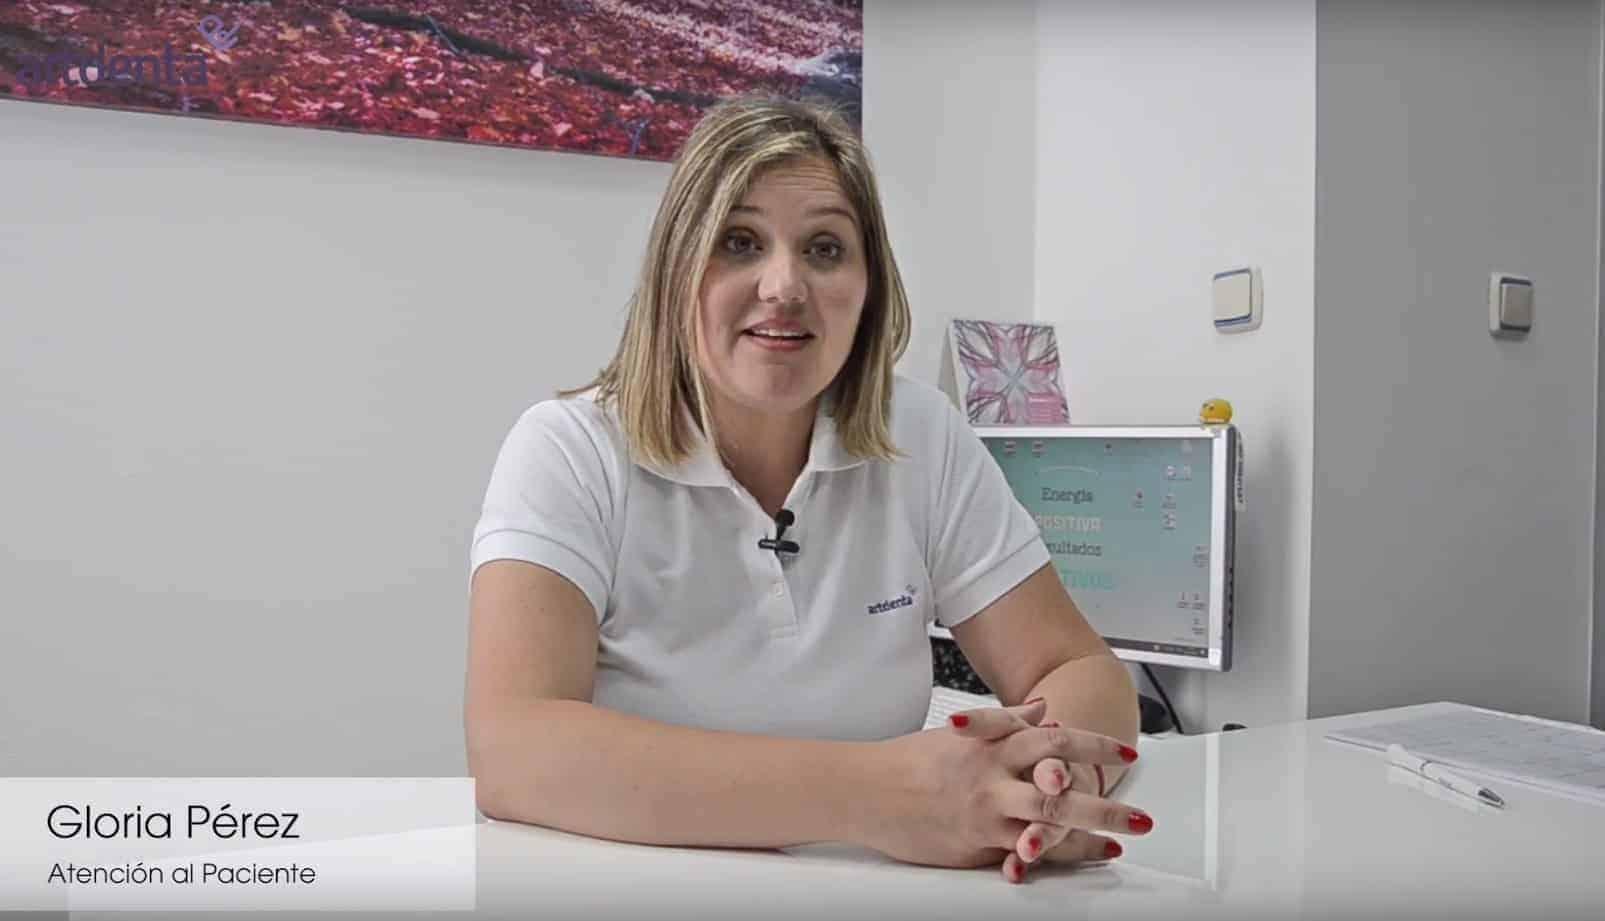 Atención al paciente 2 - Clínica Dental en Valencia Benimaclet